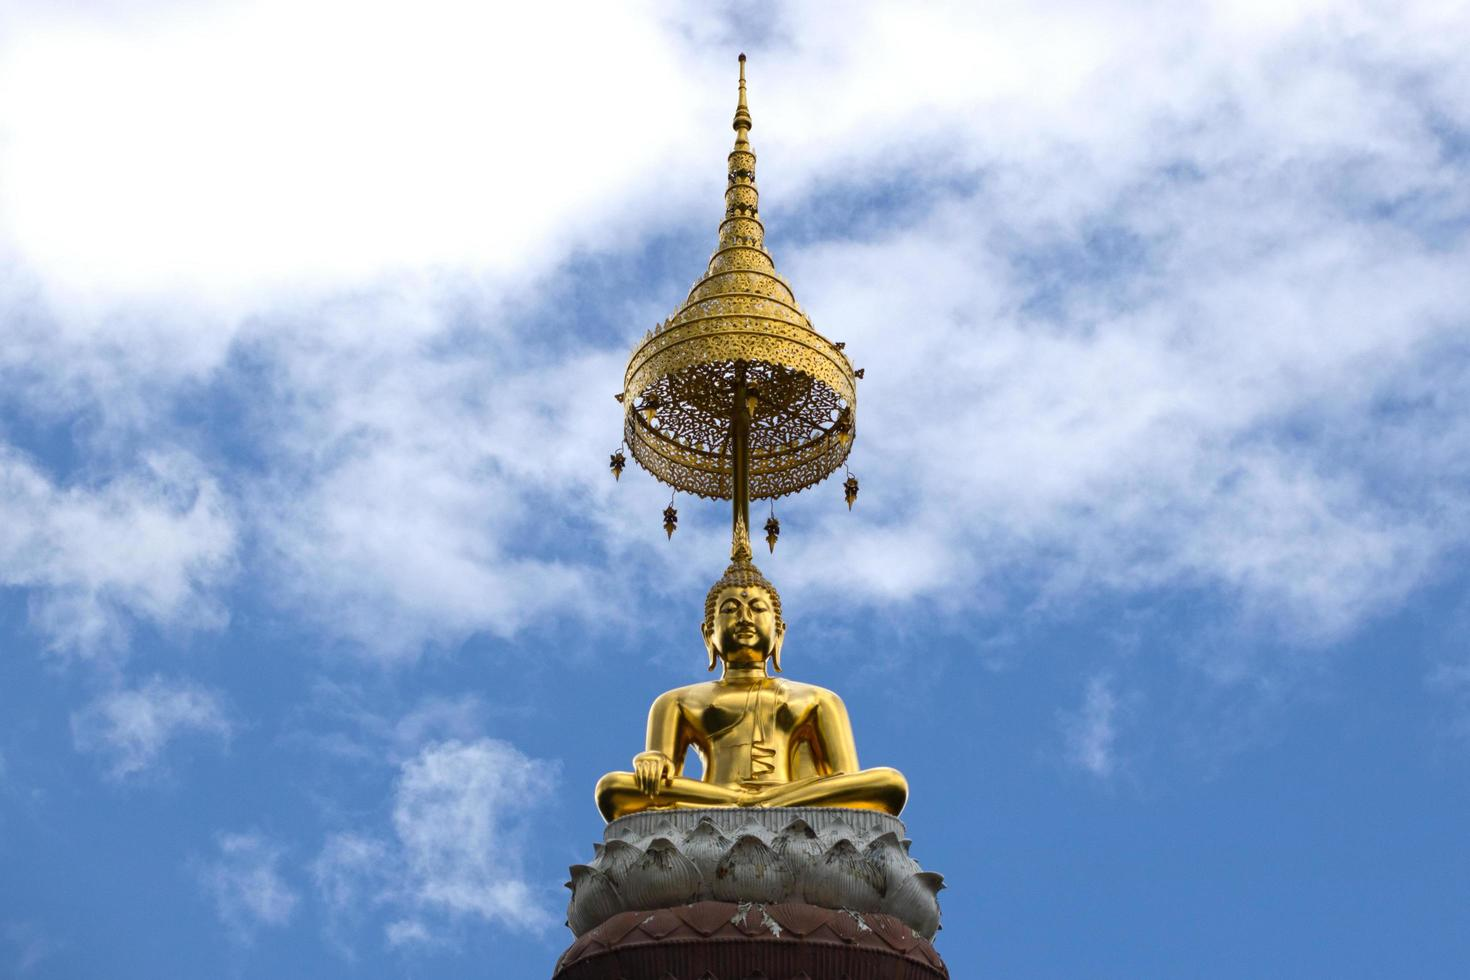 statue de Bouddha en or devant le ciel photo